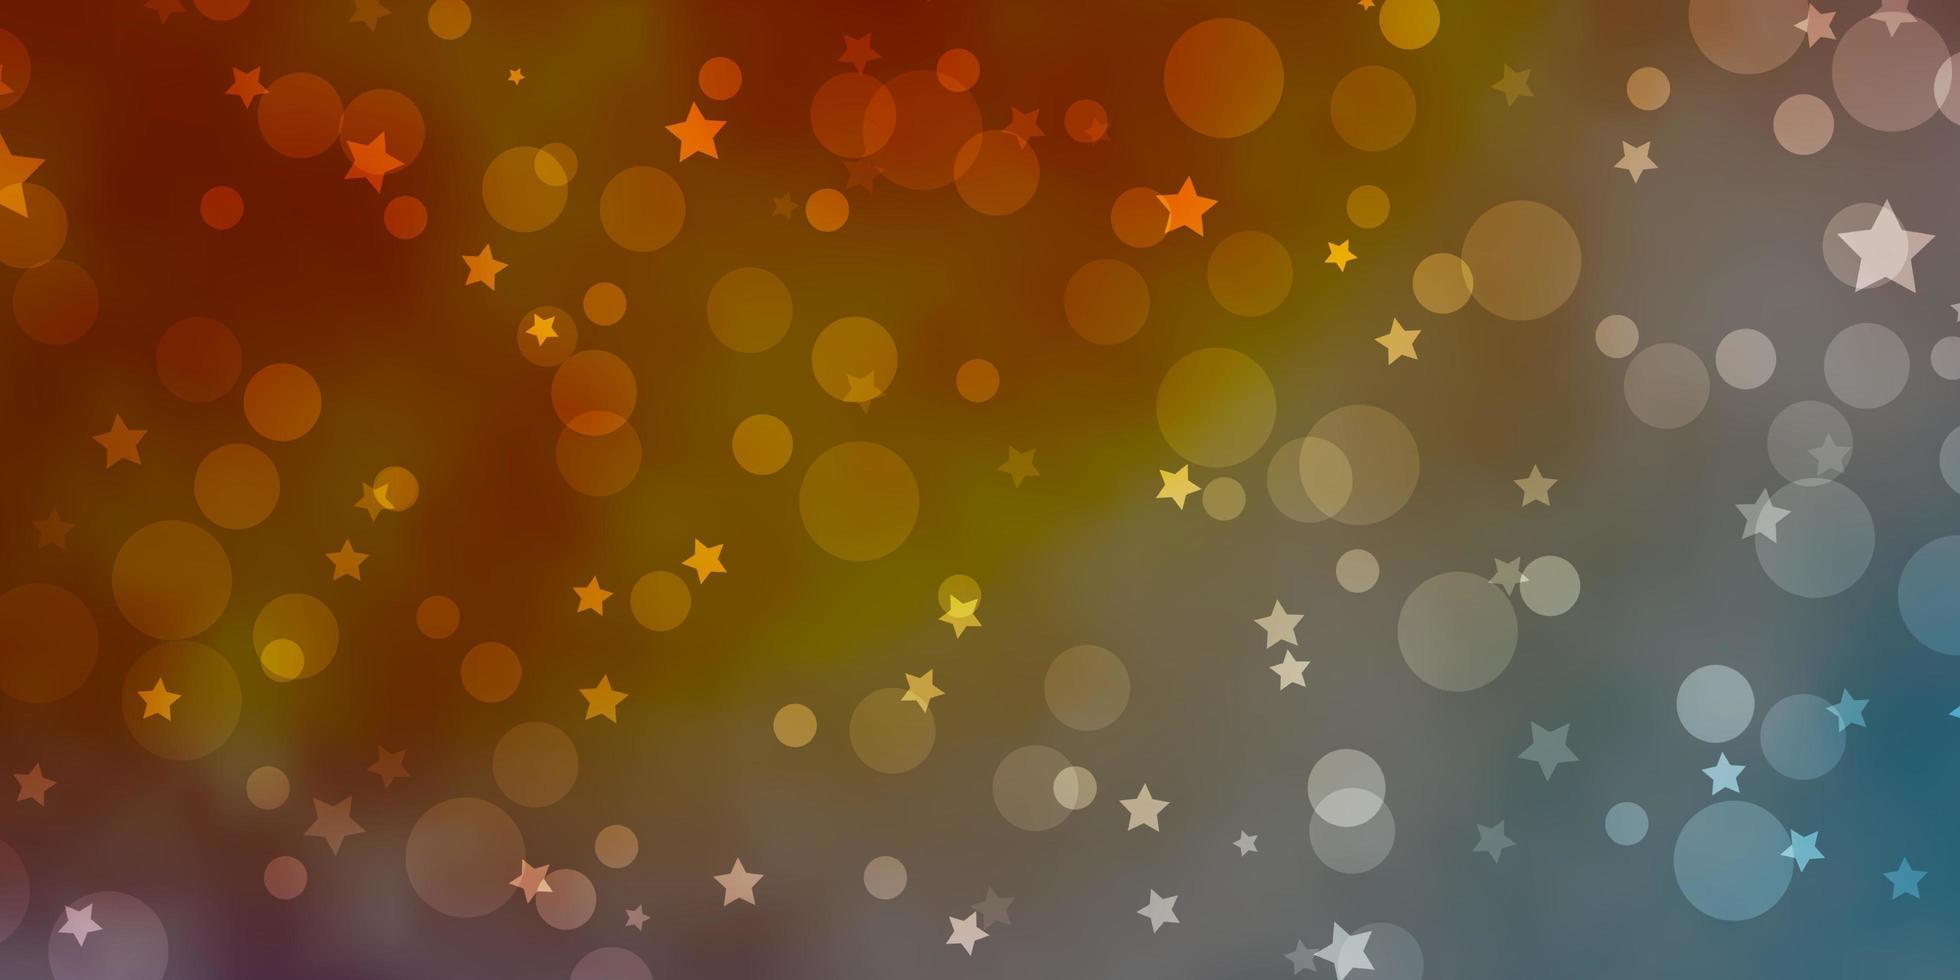 modèle bleu, jaune et rouge avec des cercles, des étoiles. vecteur